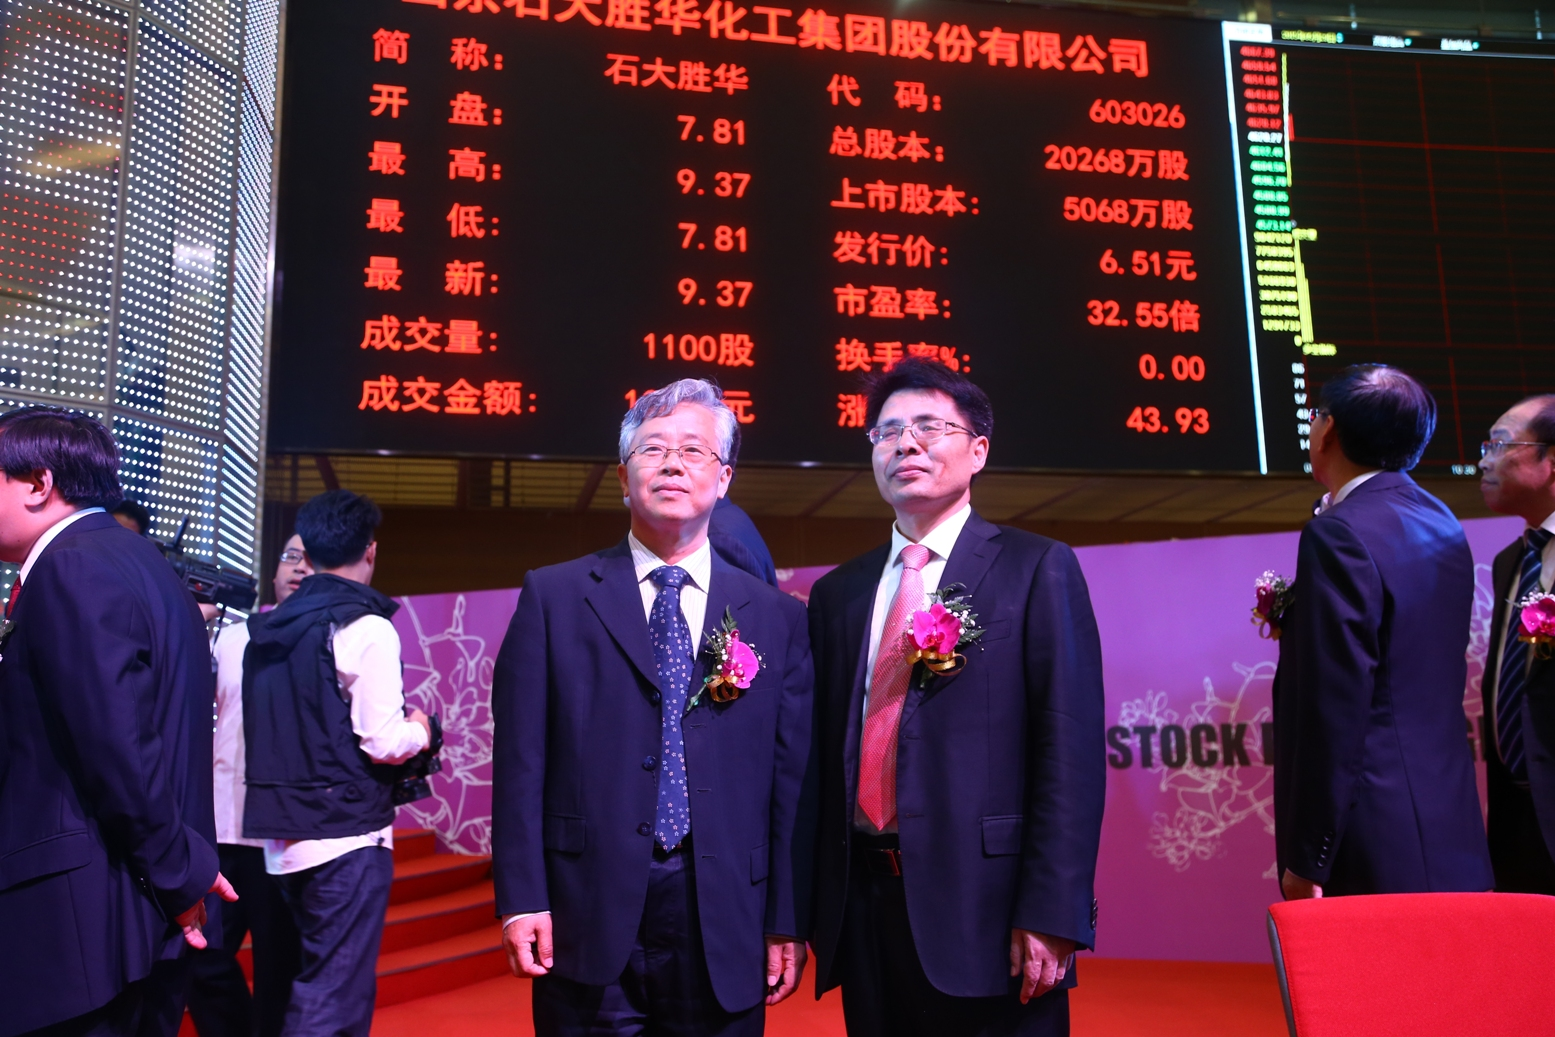 申长友和集团公司董事长郭天明共同敲锣开市.